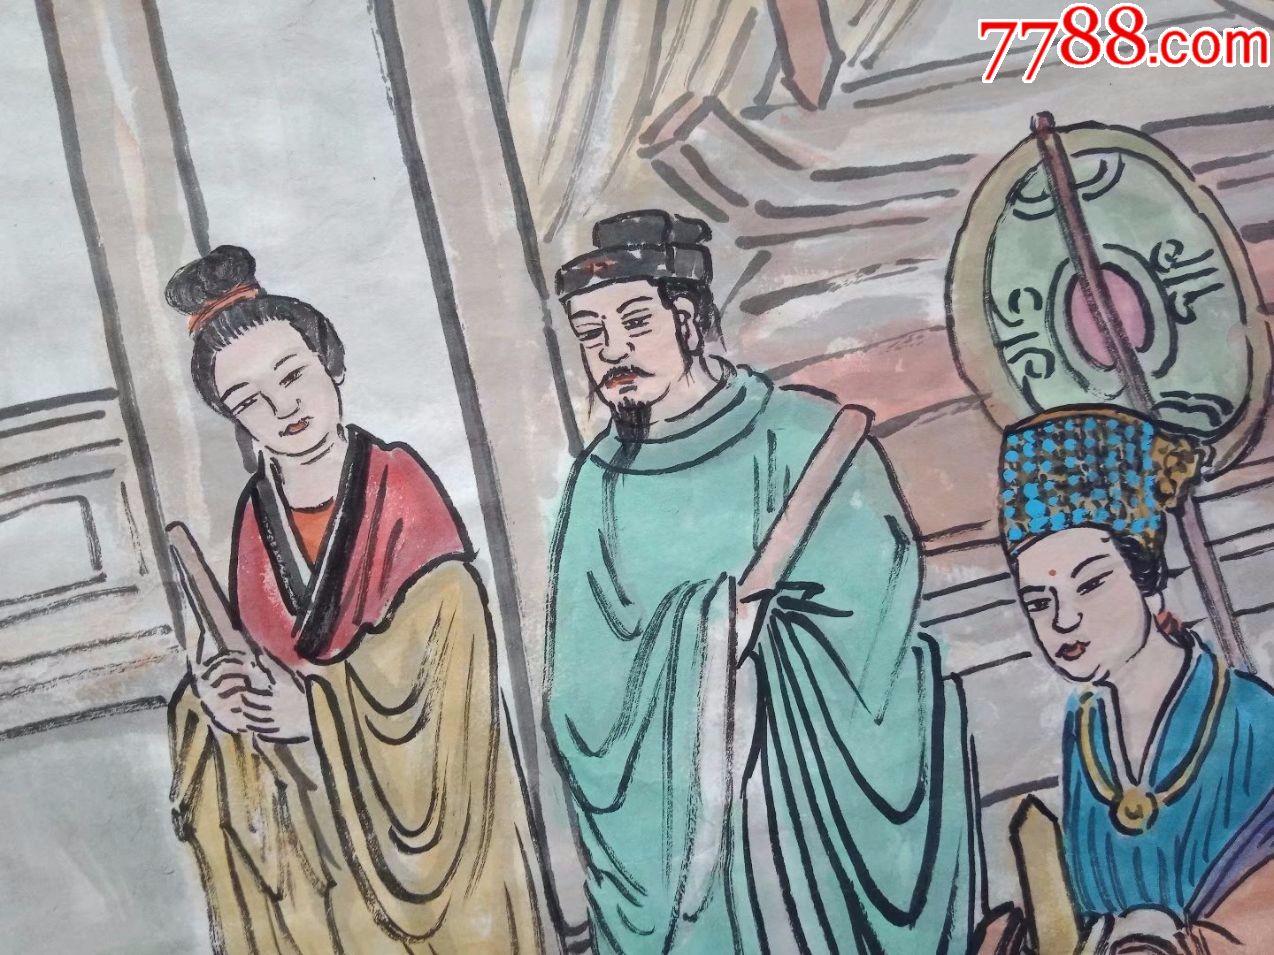 保证纯手工绘画妈祖受封图,四尺中堂人物画国画神仙画